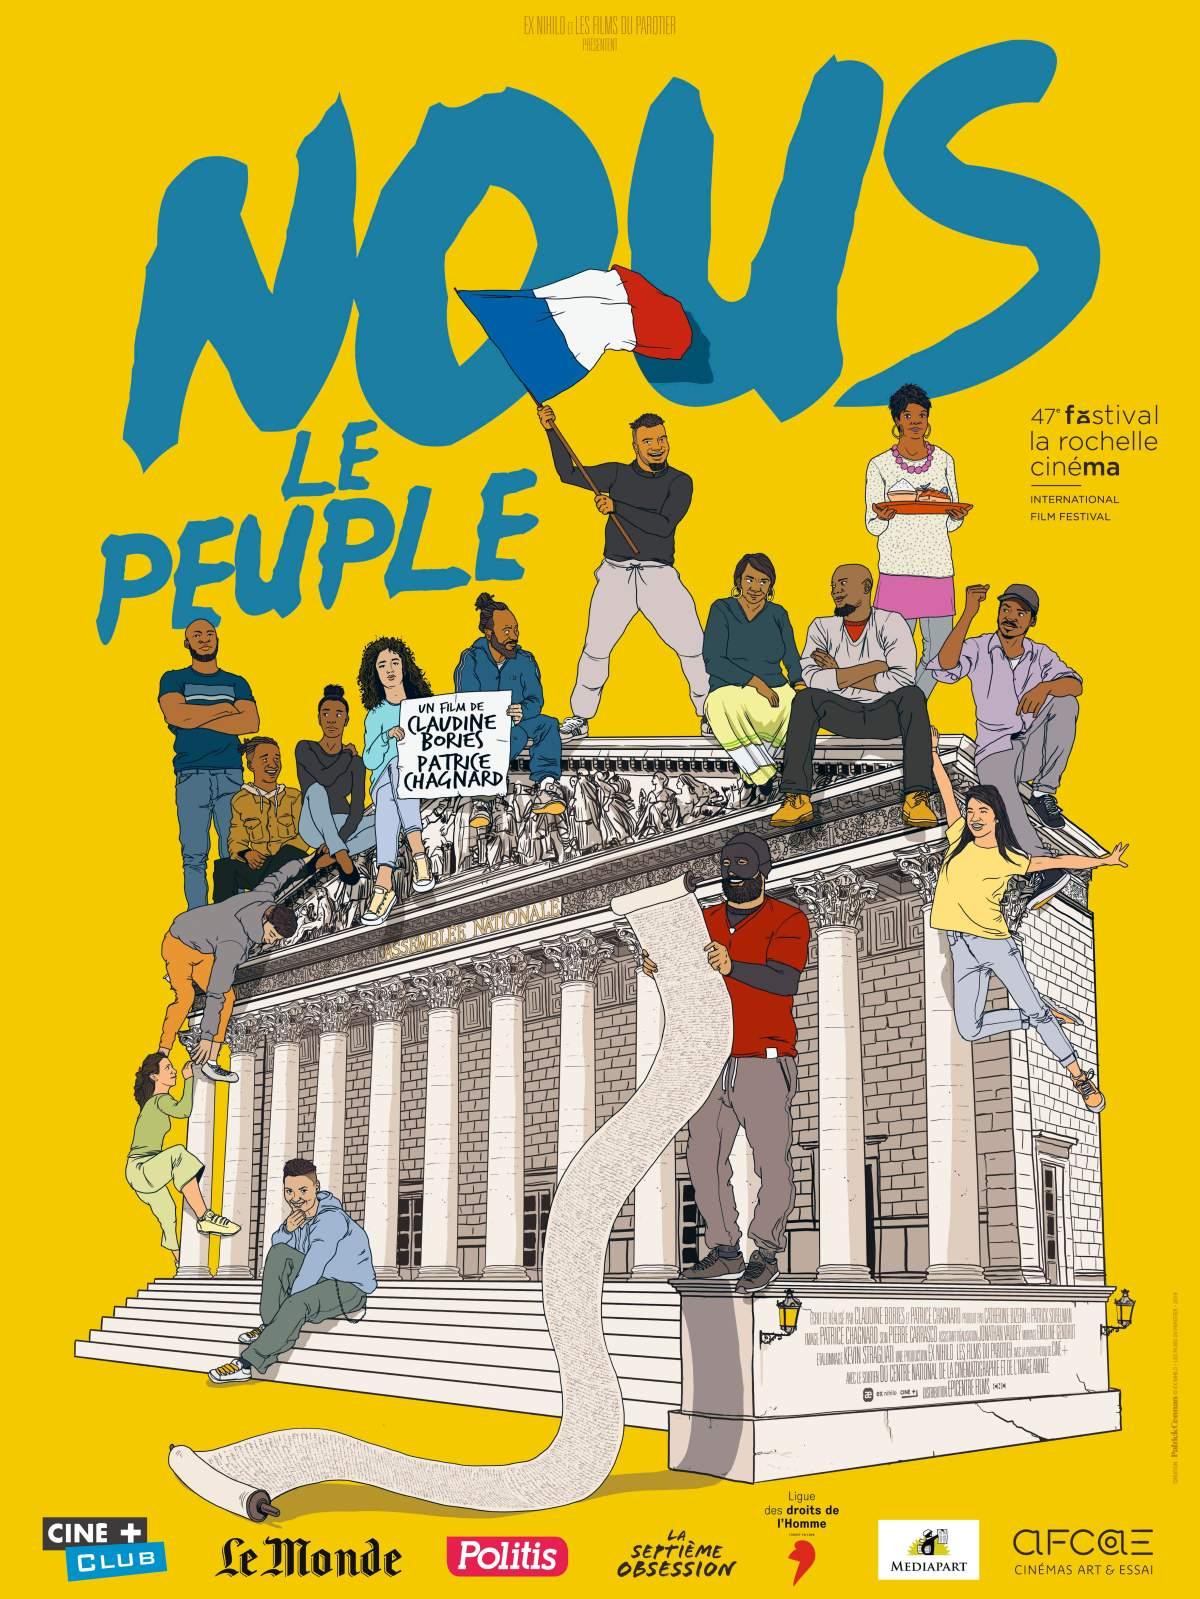 I COMME ITINÉRAIRE D'UN FILM – NOUS LE PEUPLE de Claudine Bories et PatriceChagnard.